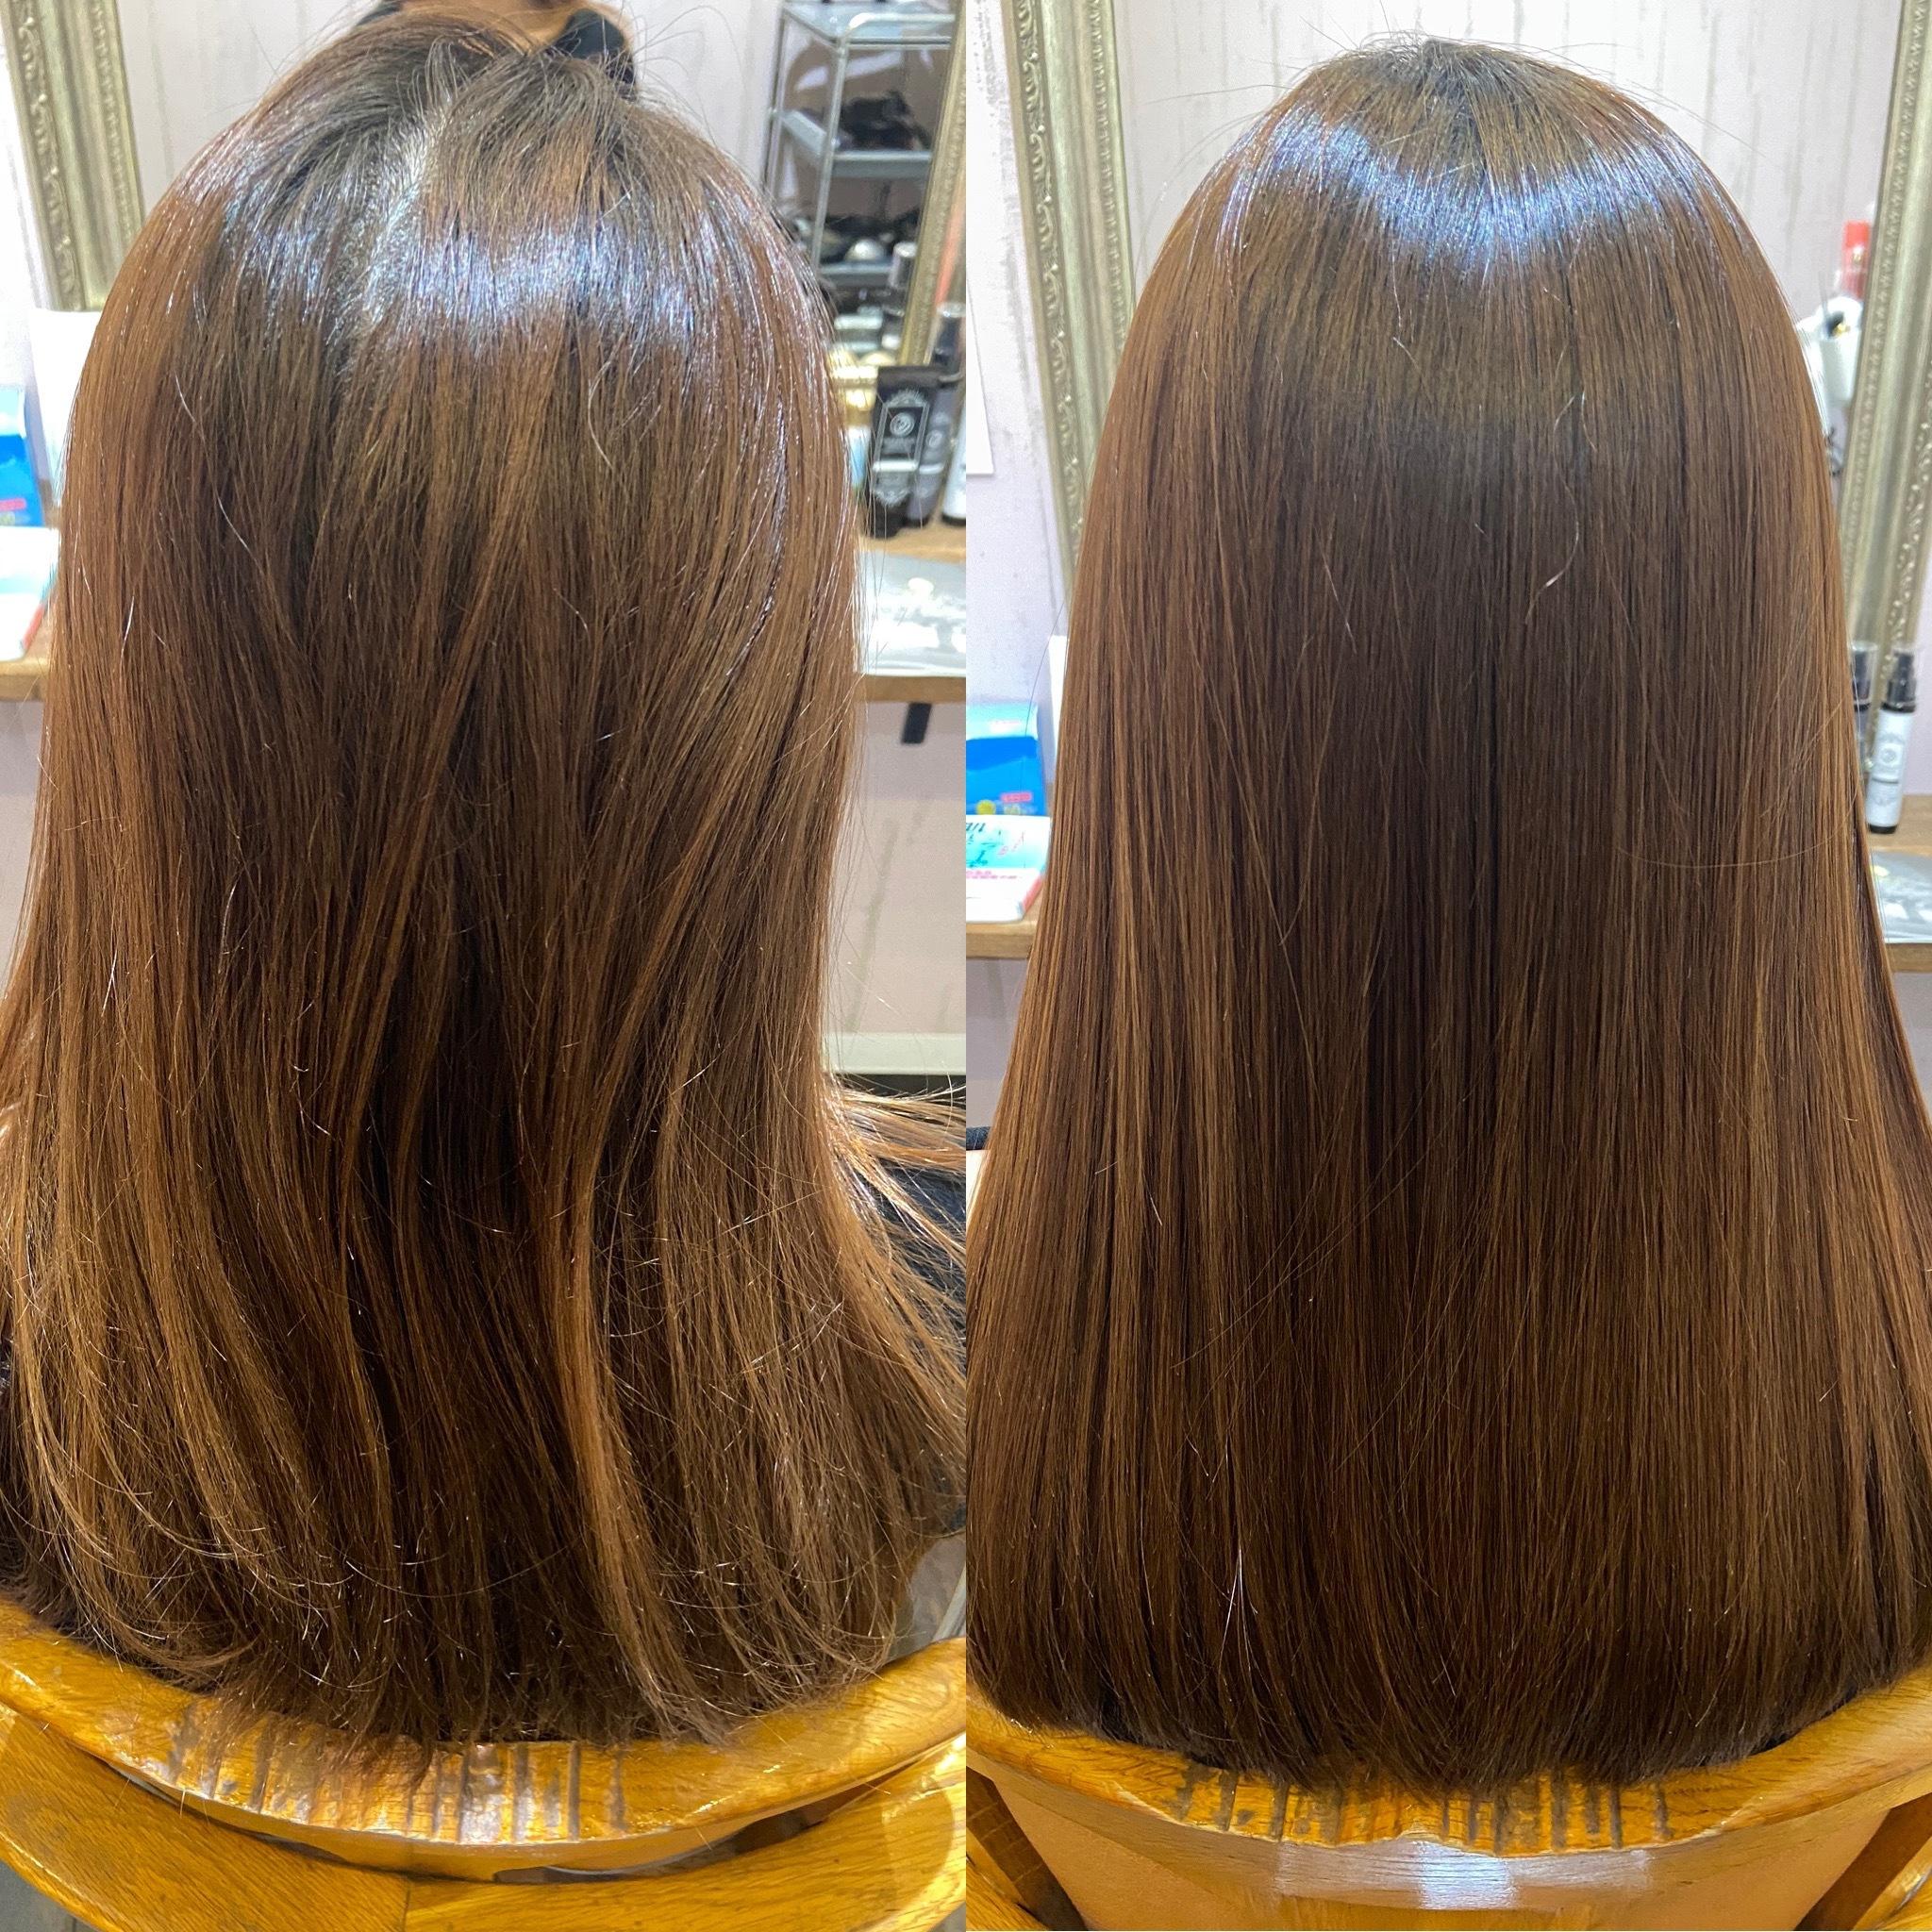 うねりやパサつきを抑えて艶髪にする髪質改善コース